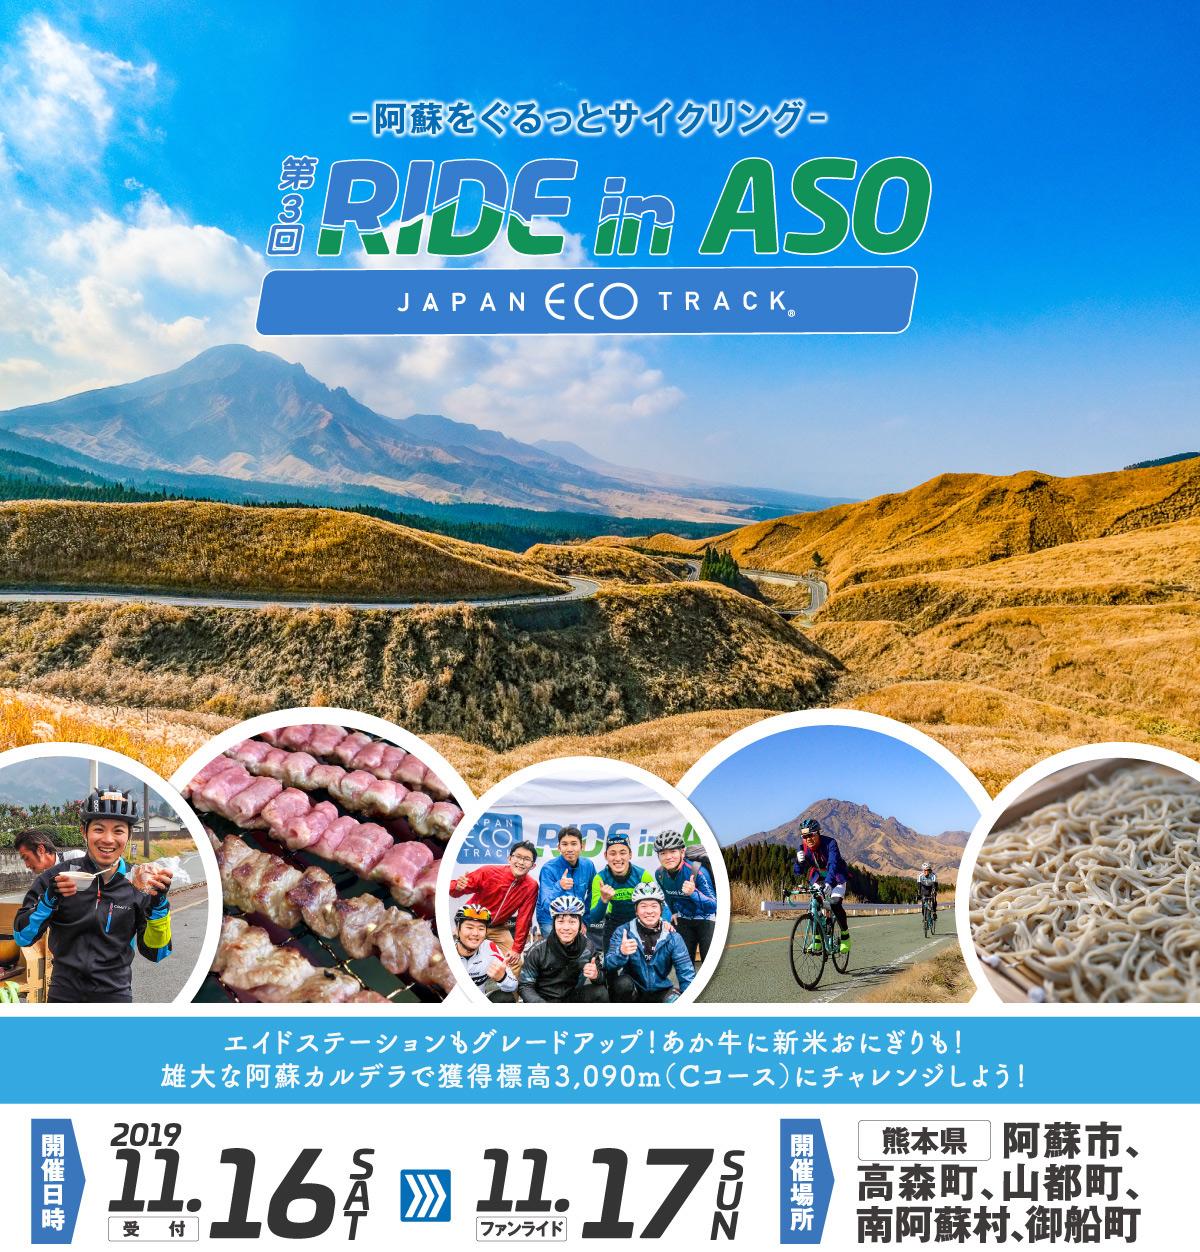 【熊本県】第3回ジャパンエコトラック ライドイン阿蘇 11/16〜17開催